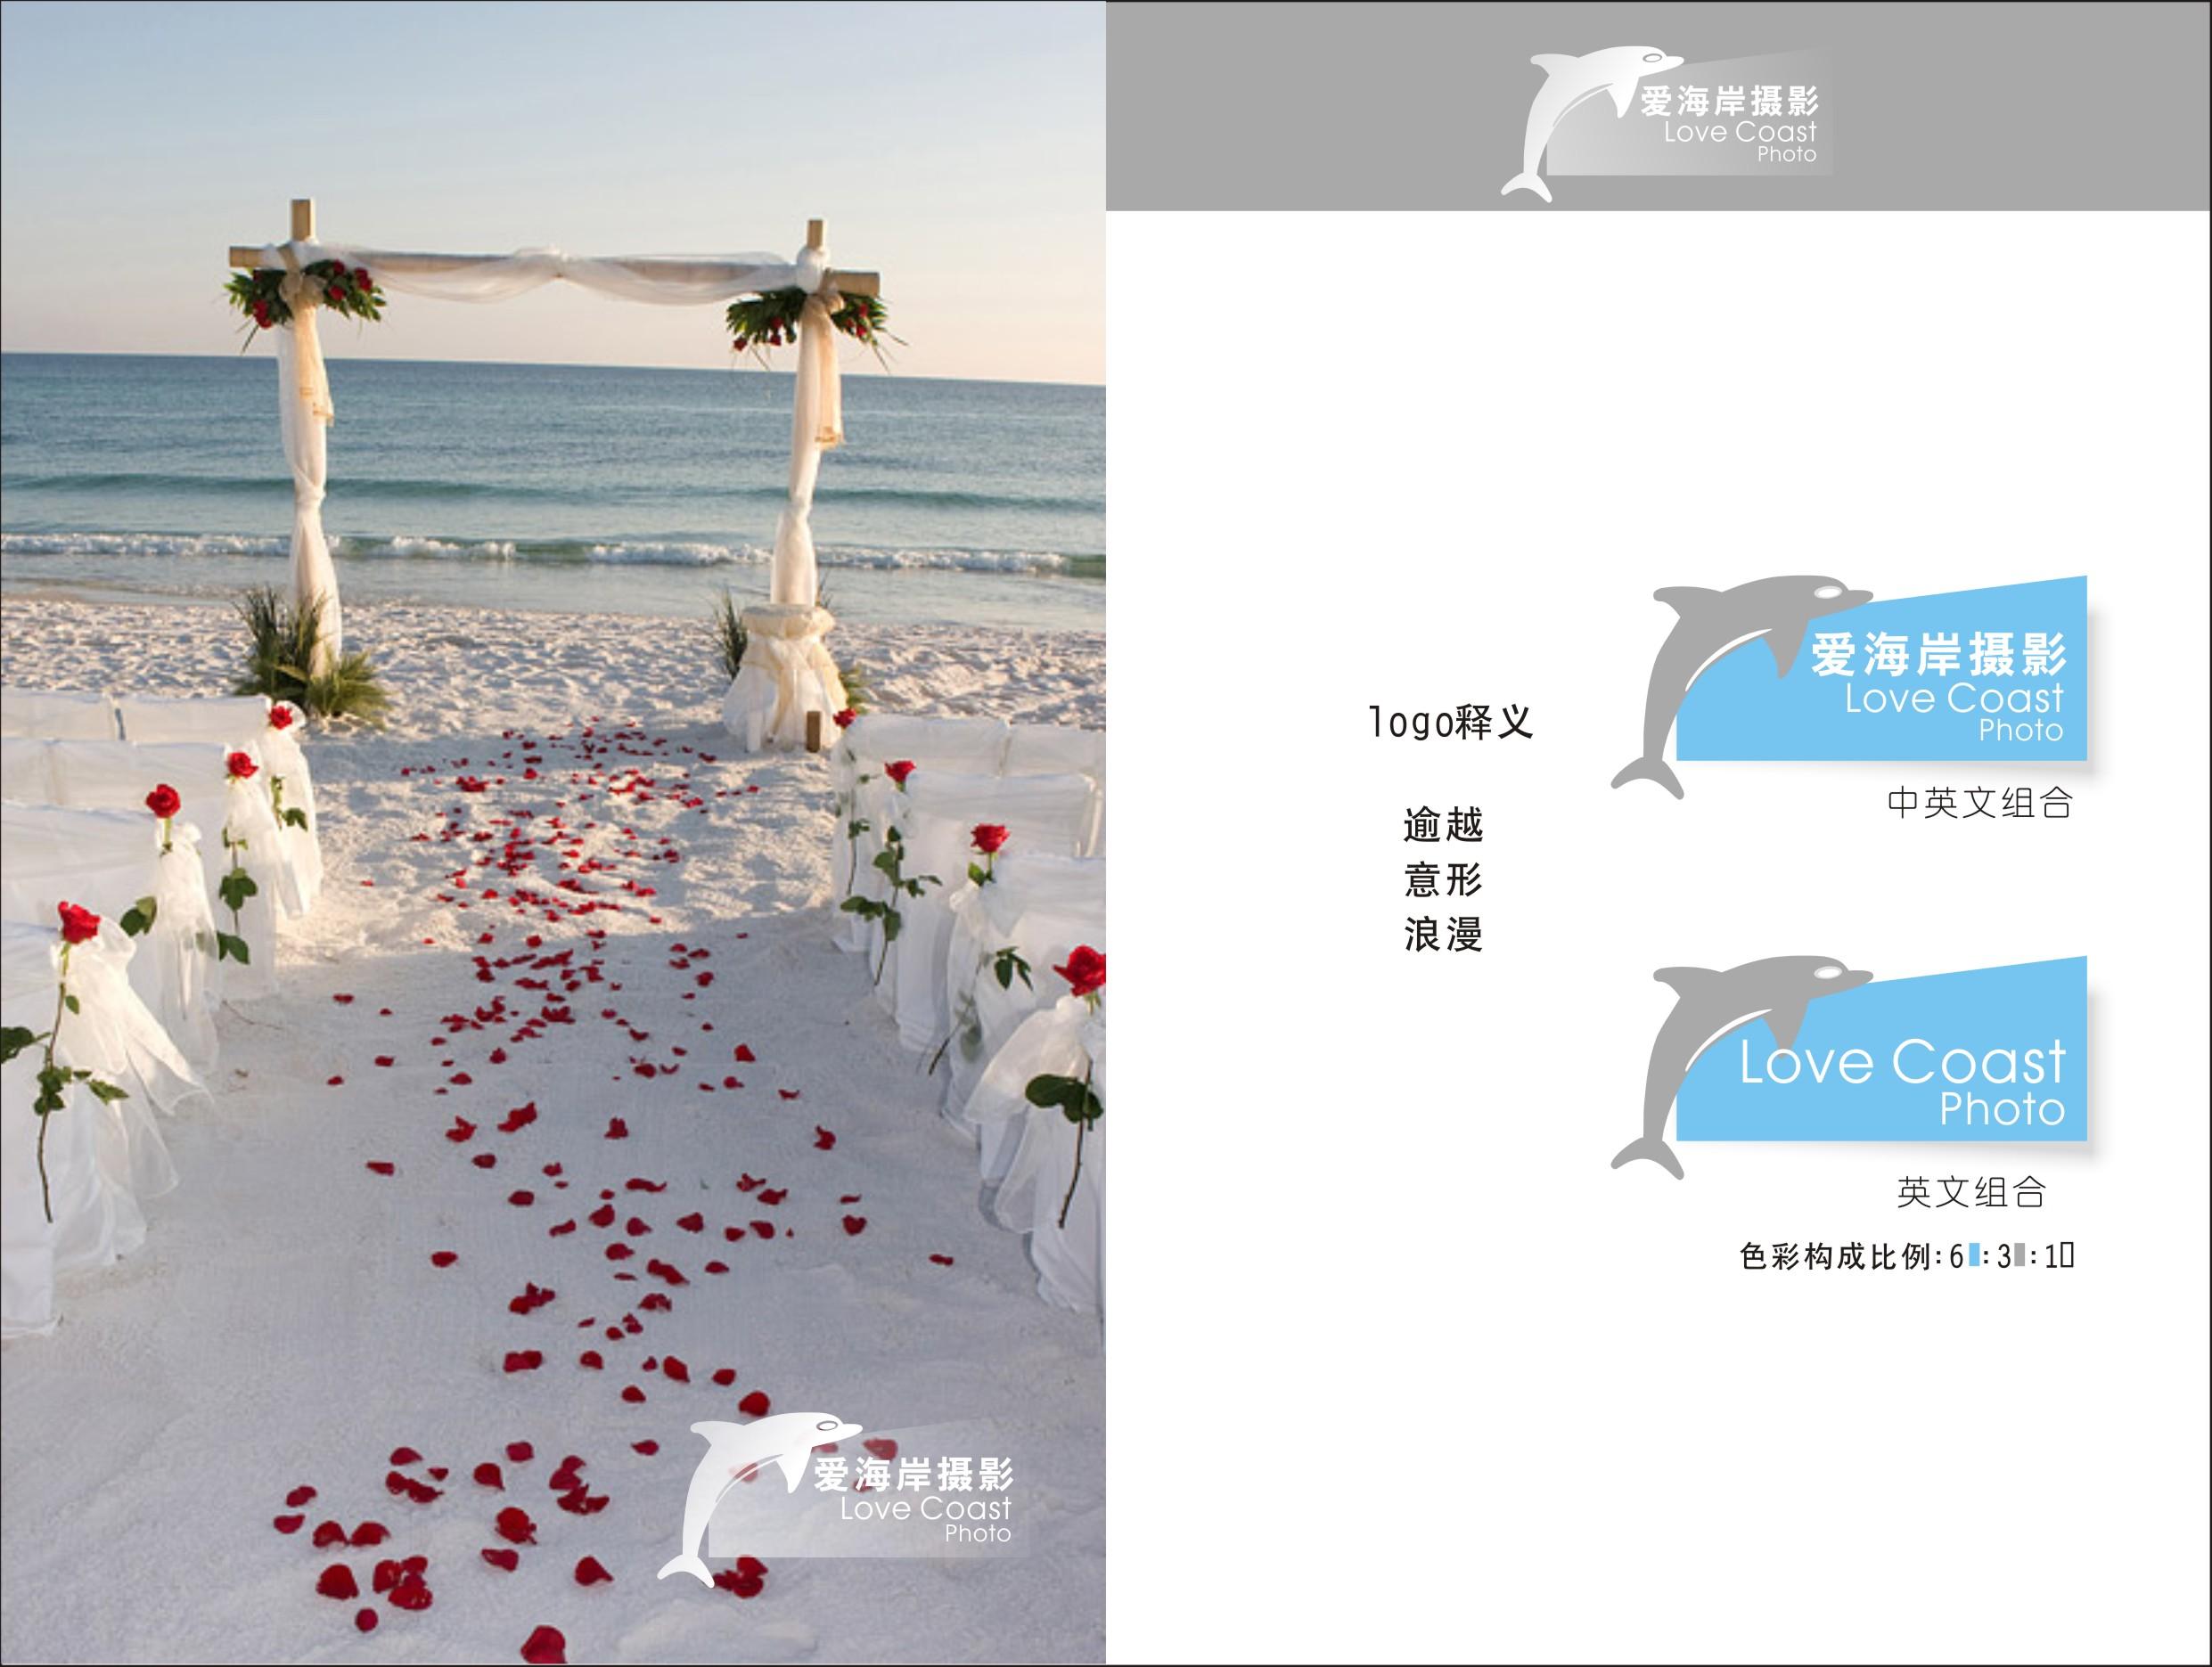 爱海岸摄影logo及照片水印设计征集